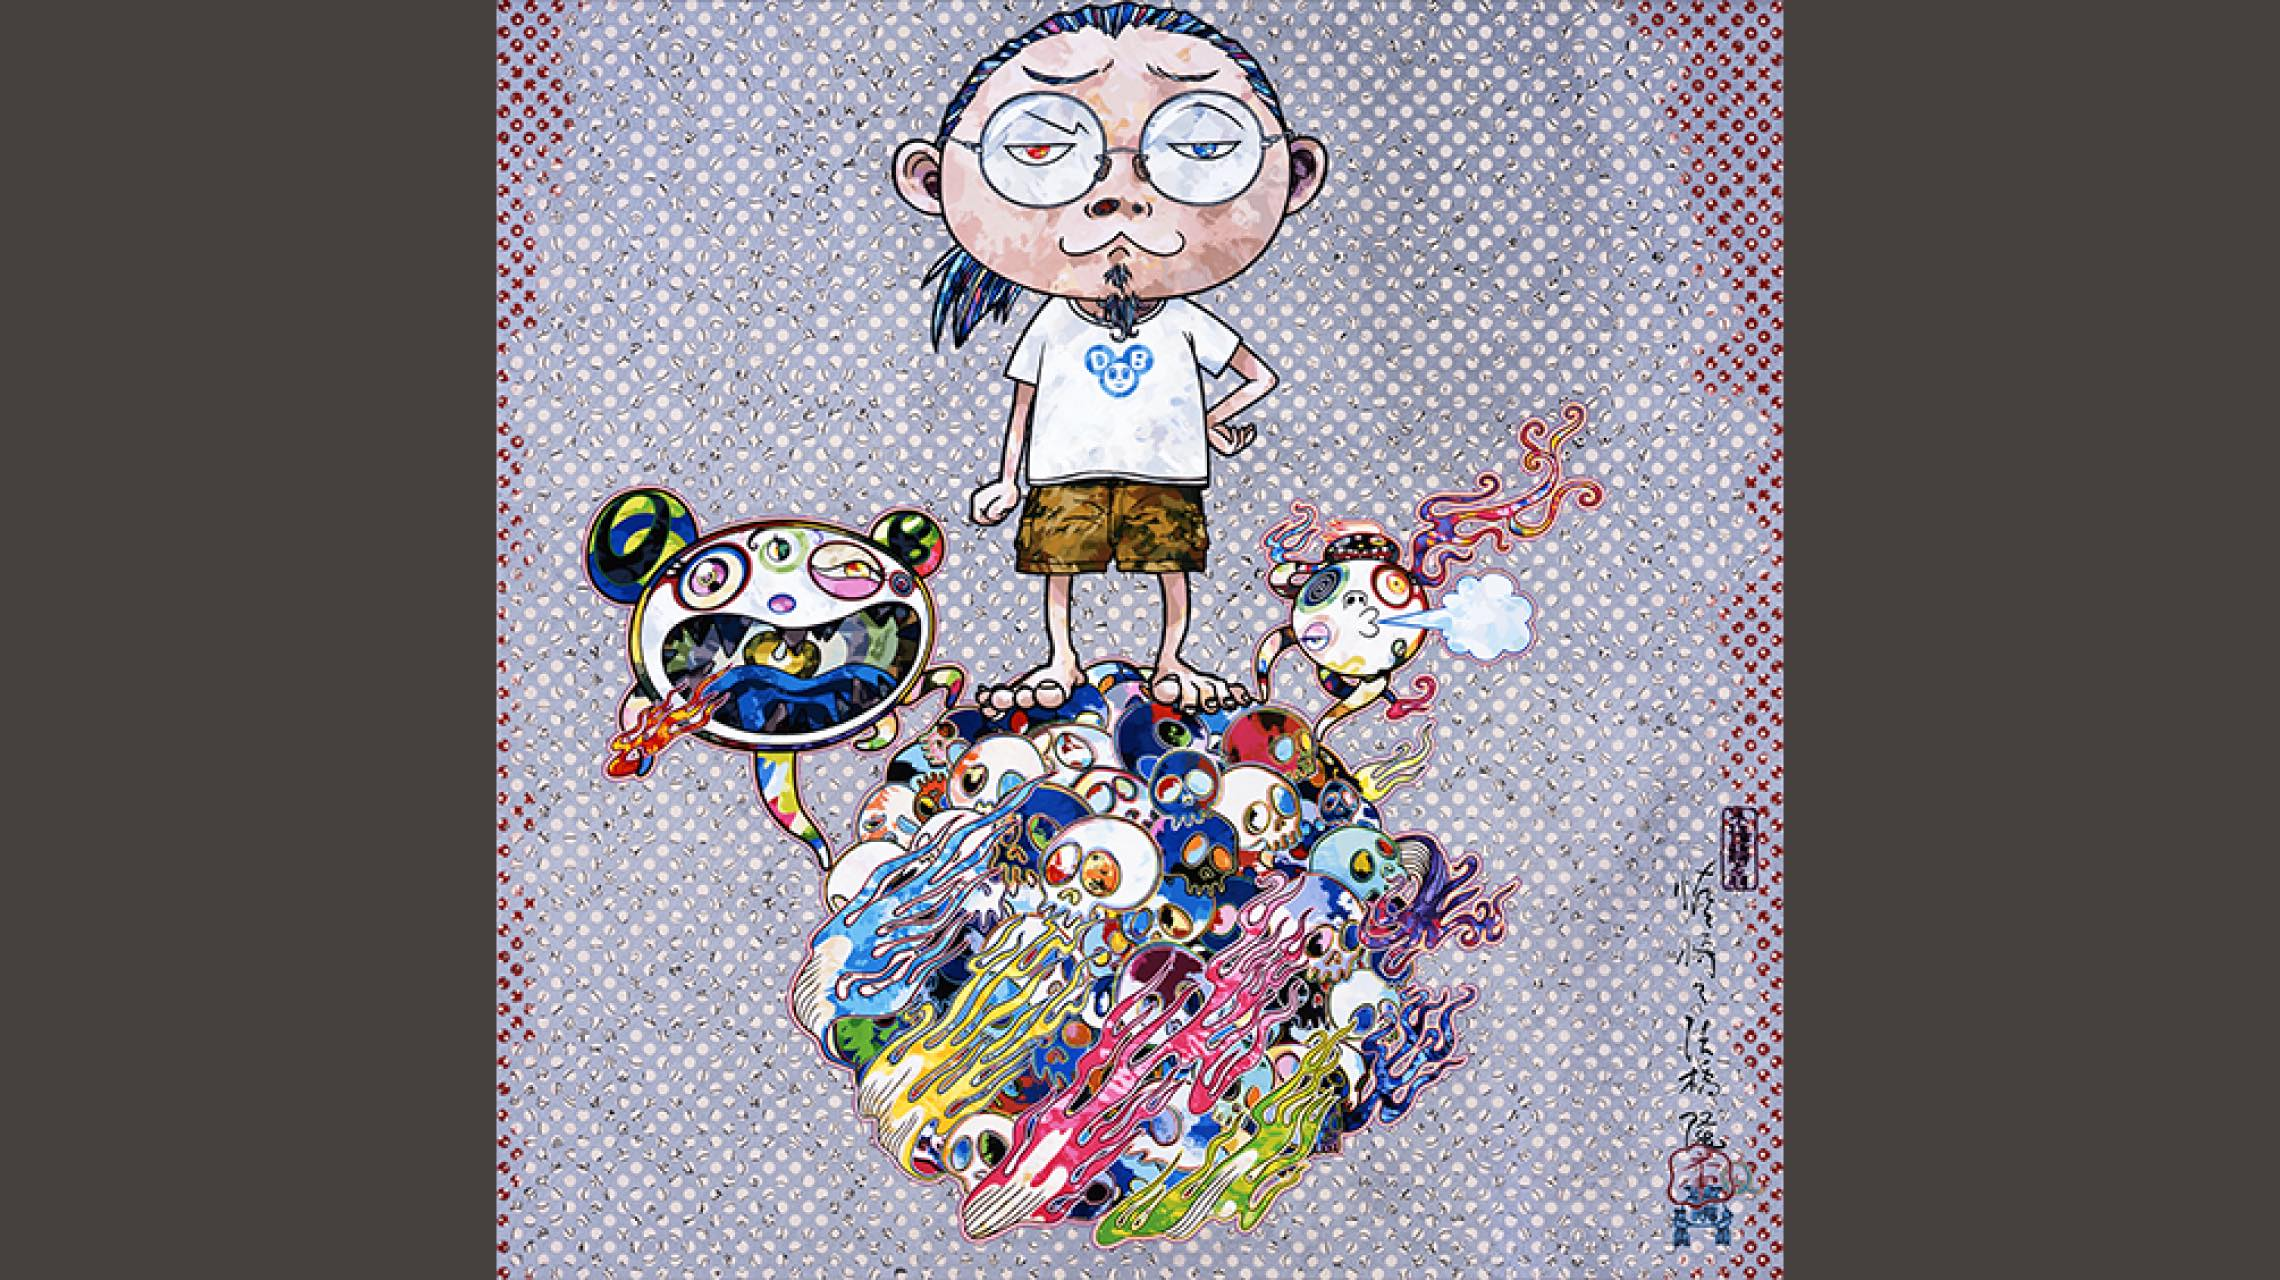 新たな10年の始まりに見ておきたいアート展「OKETA COLLECTION」南青山で開催